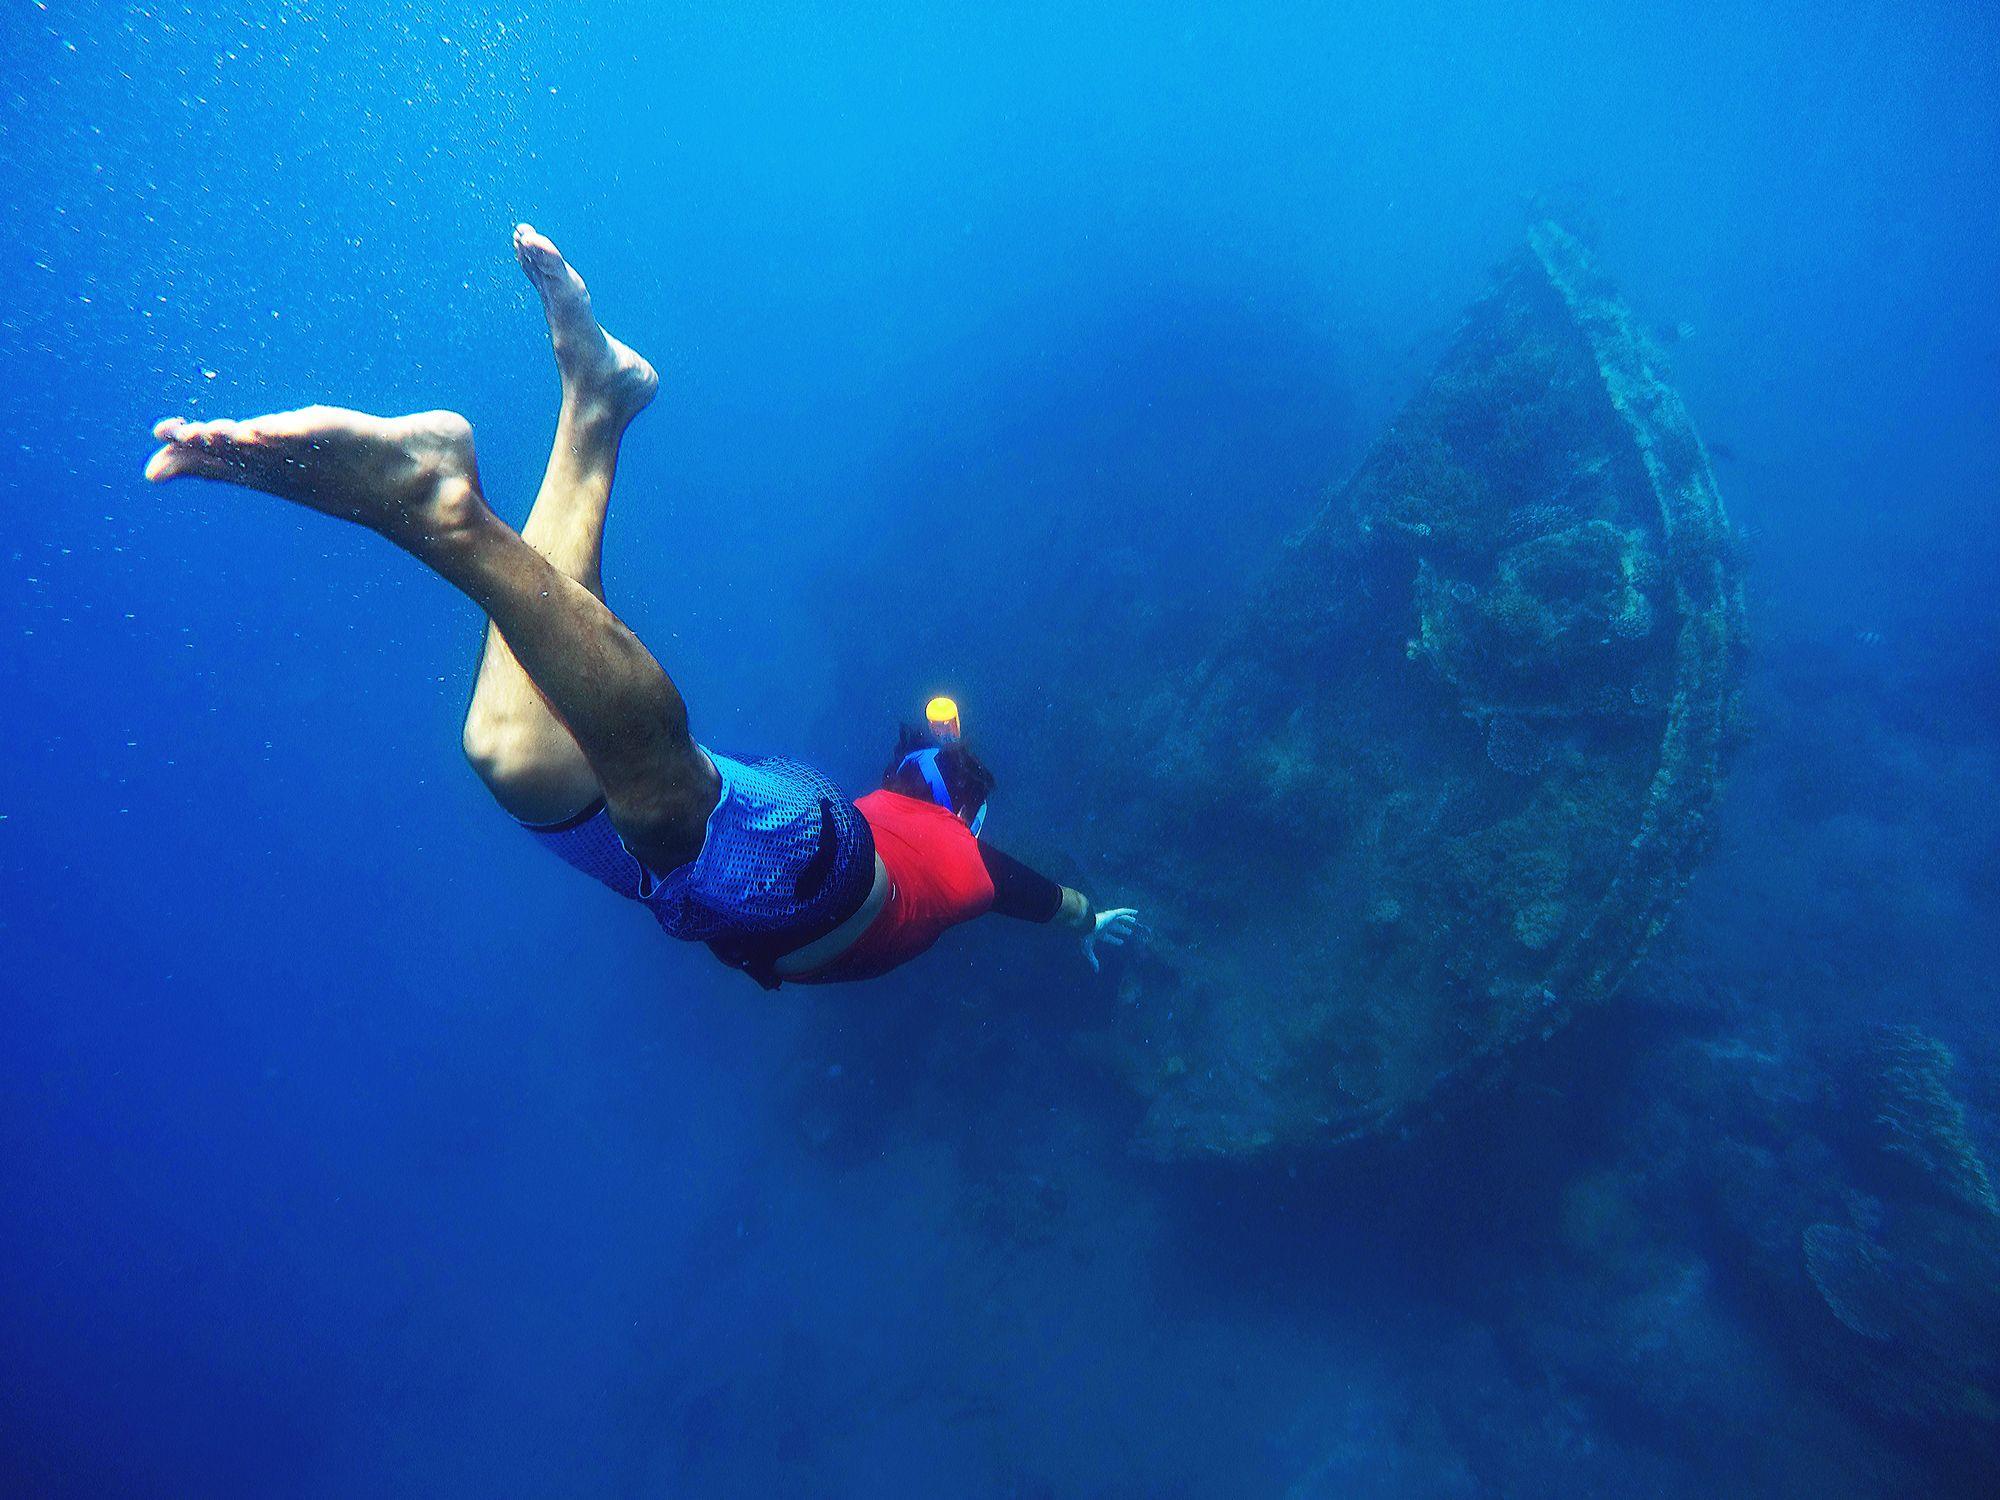 shipwreck dive scuba diving